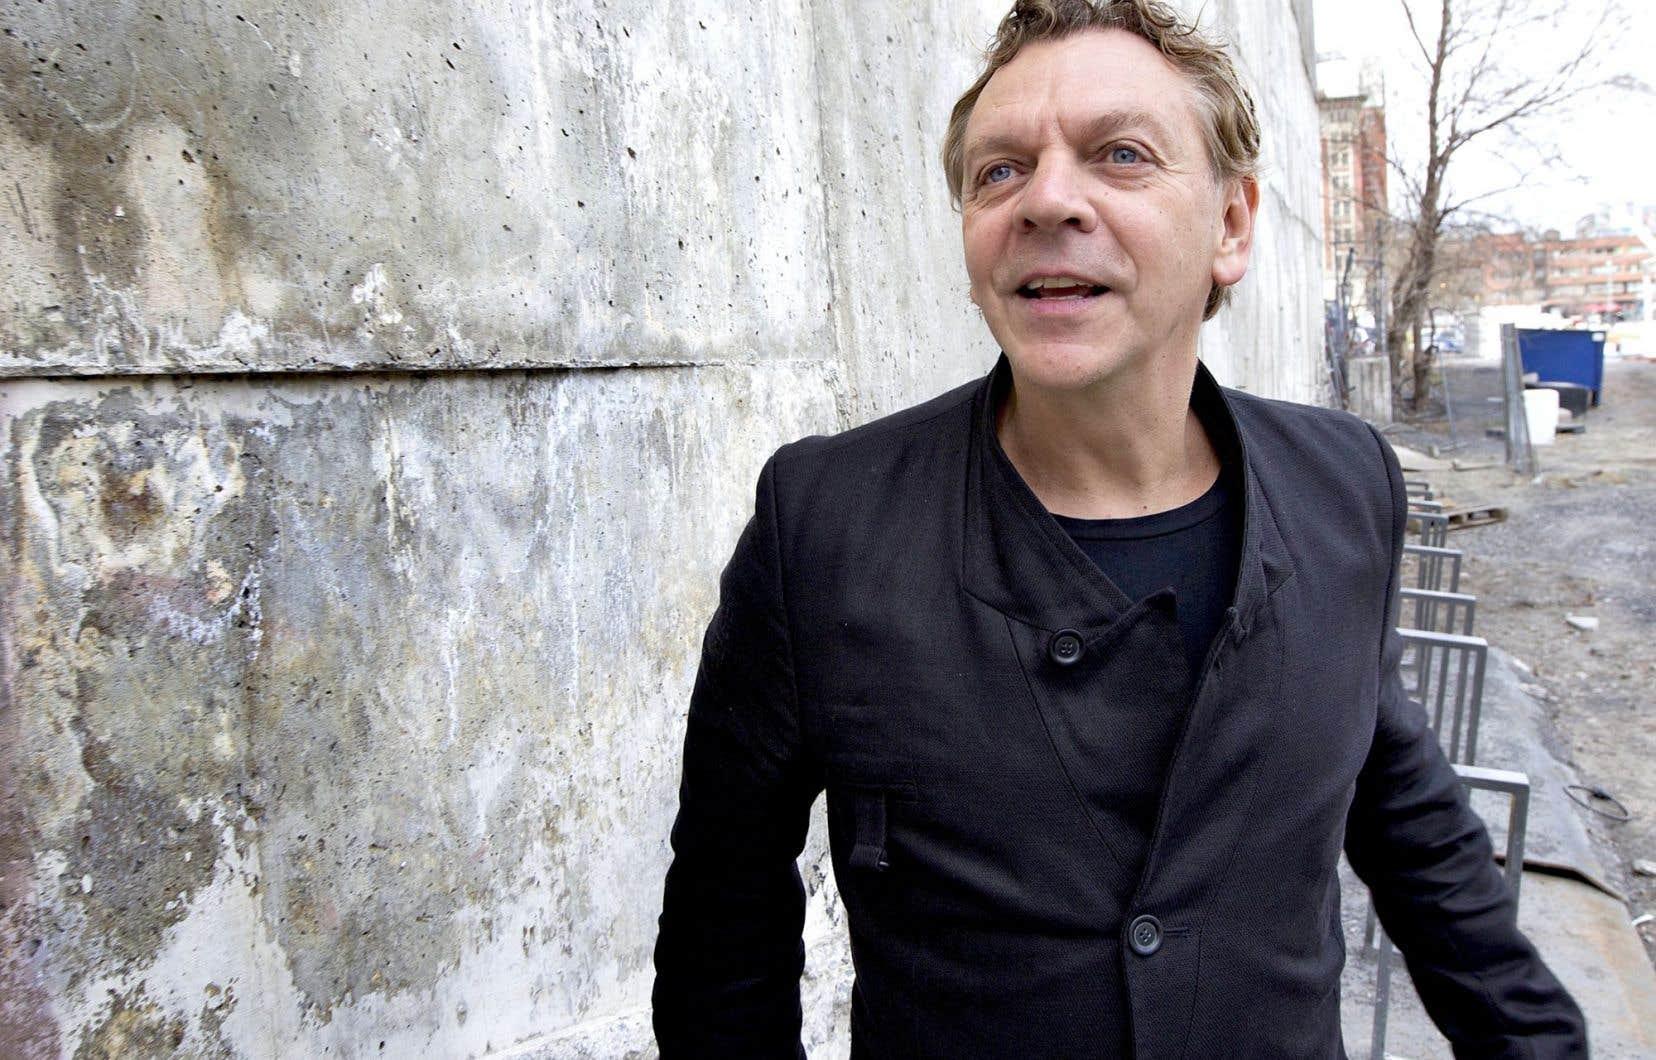 Marc Labrèche, qui a joué dans L'âge des ténèbres et Whitewash, donnera une leçon de cinéma ce mardi.